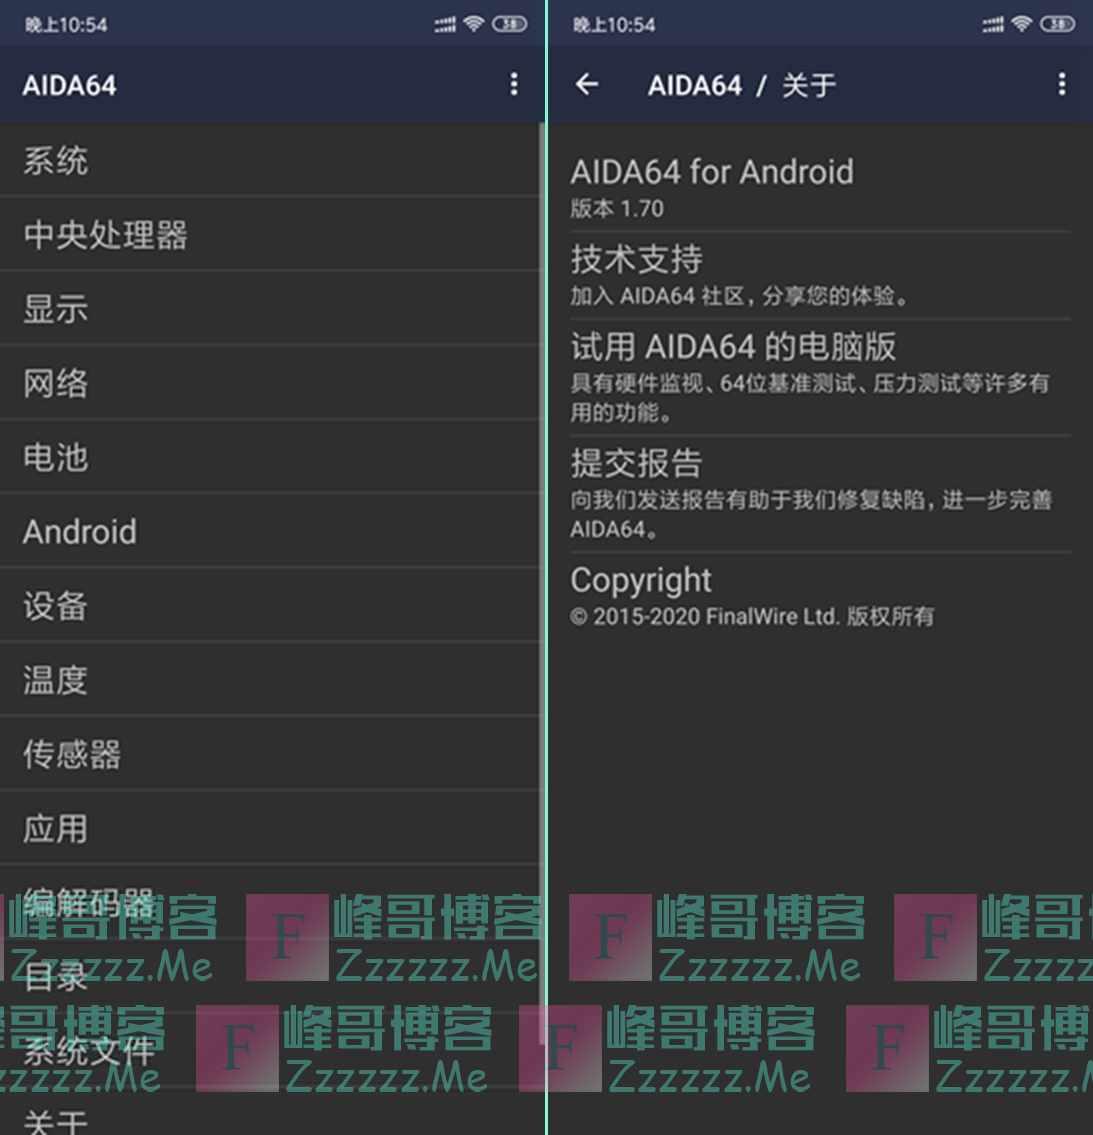 安卓AIDA64 V1.70 最新中文汉化去广告绿色版下载 安卓真实硬件参数查询工具